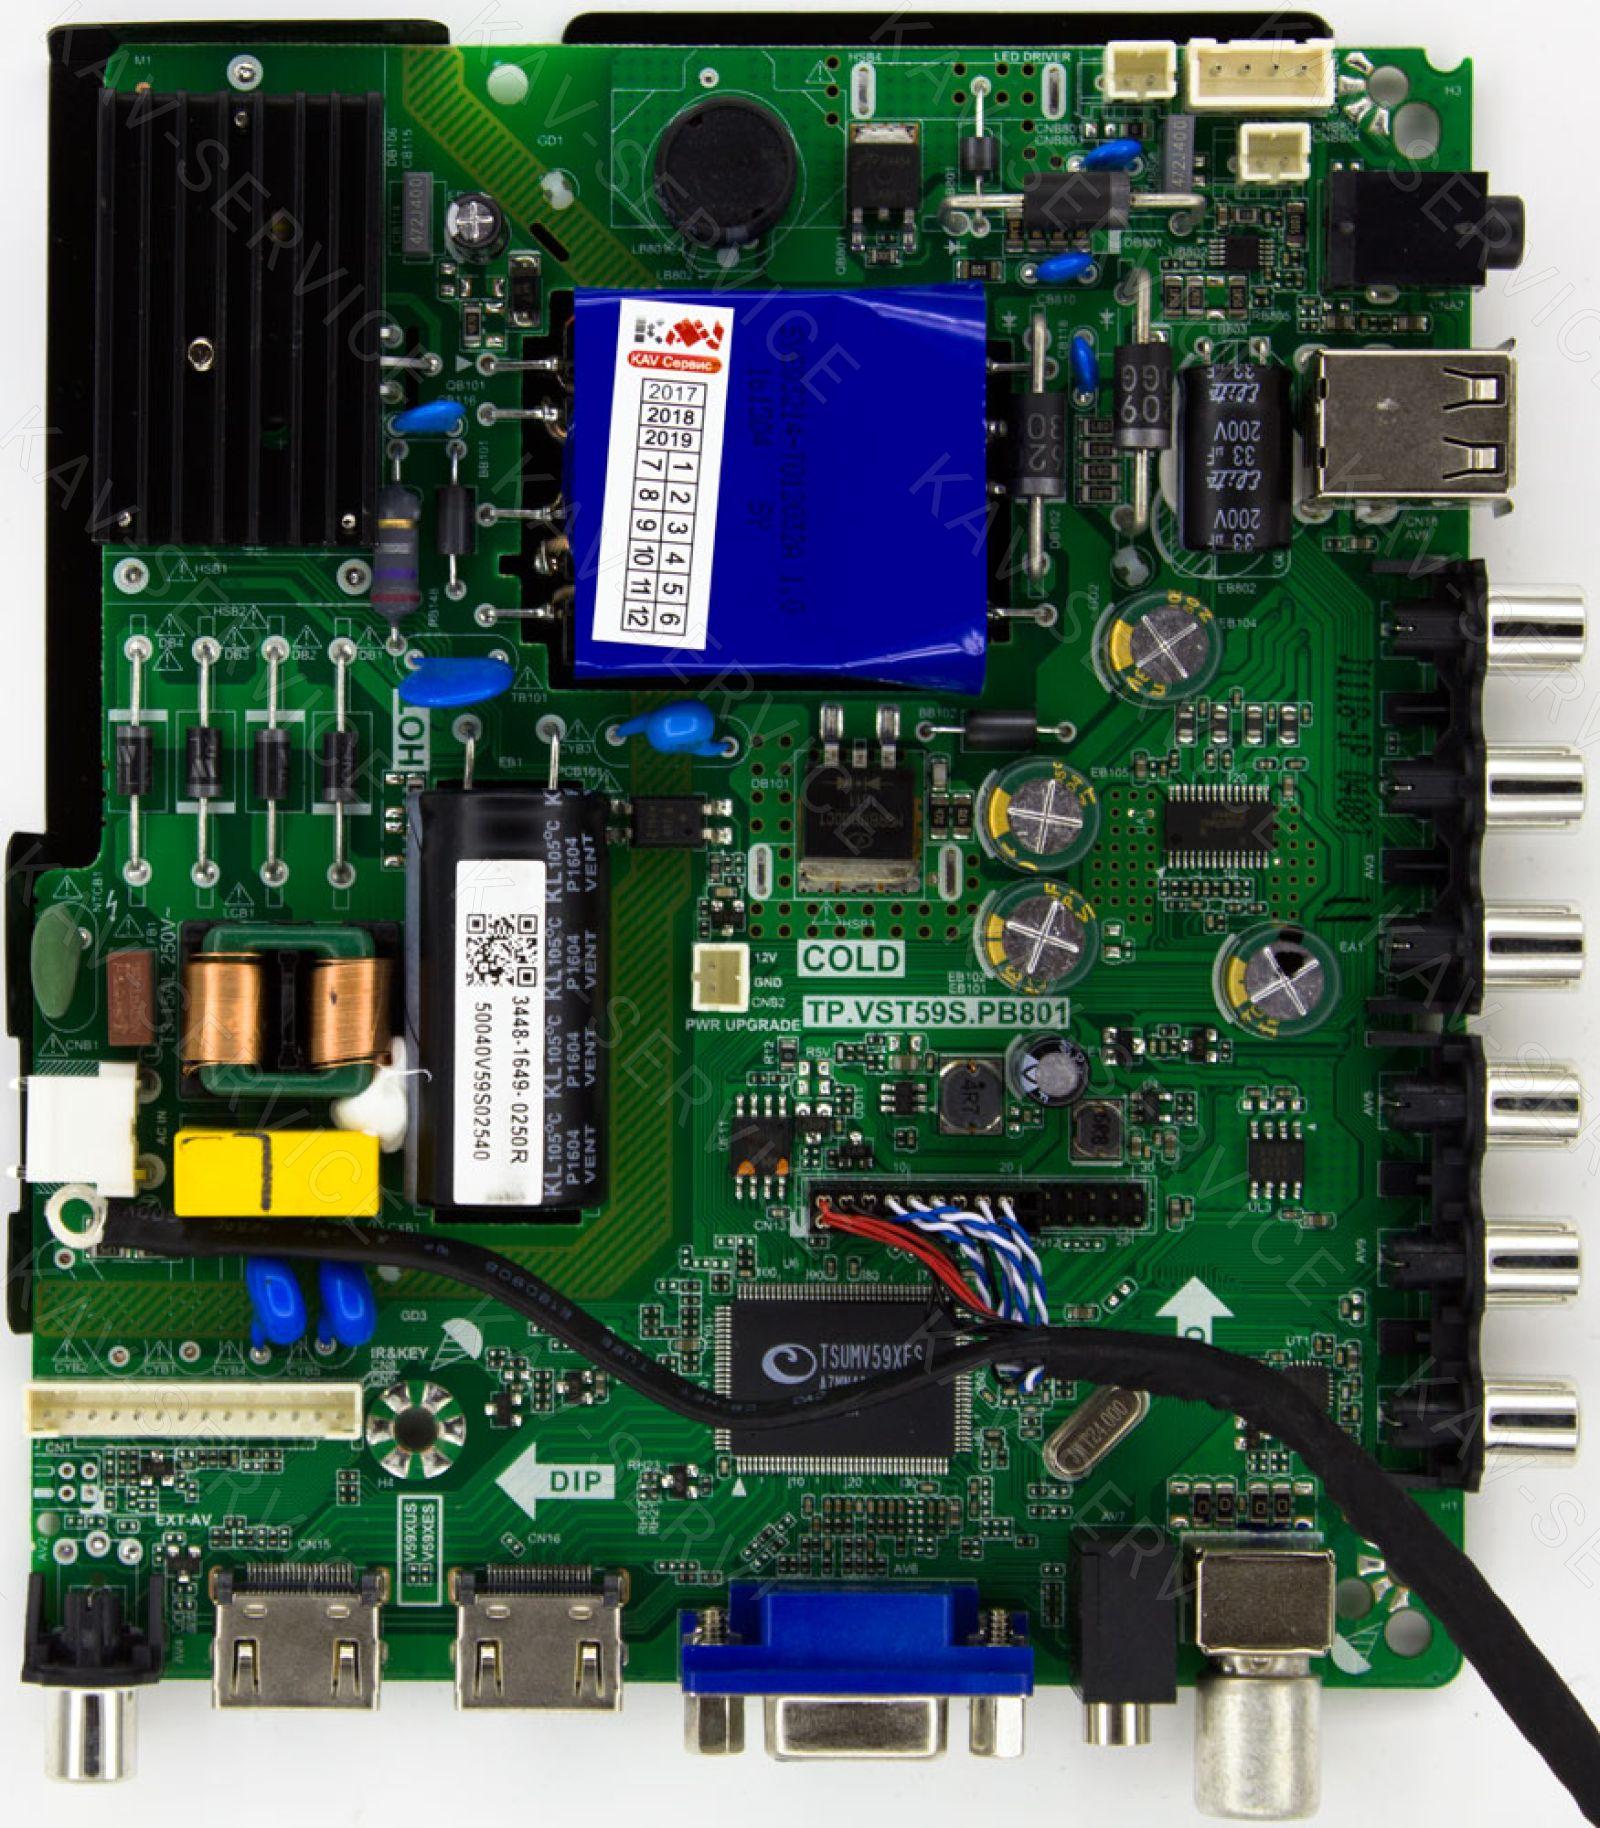 Купить в Барнауле: TP VST59S PB801 плата управления ЖК телевизора FUSION